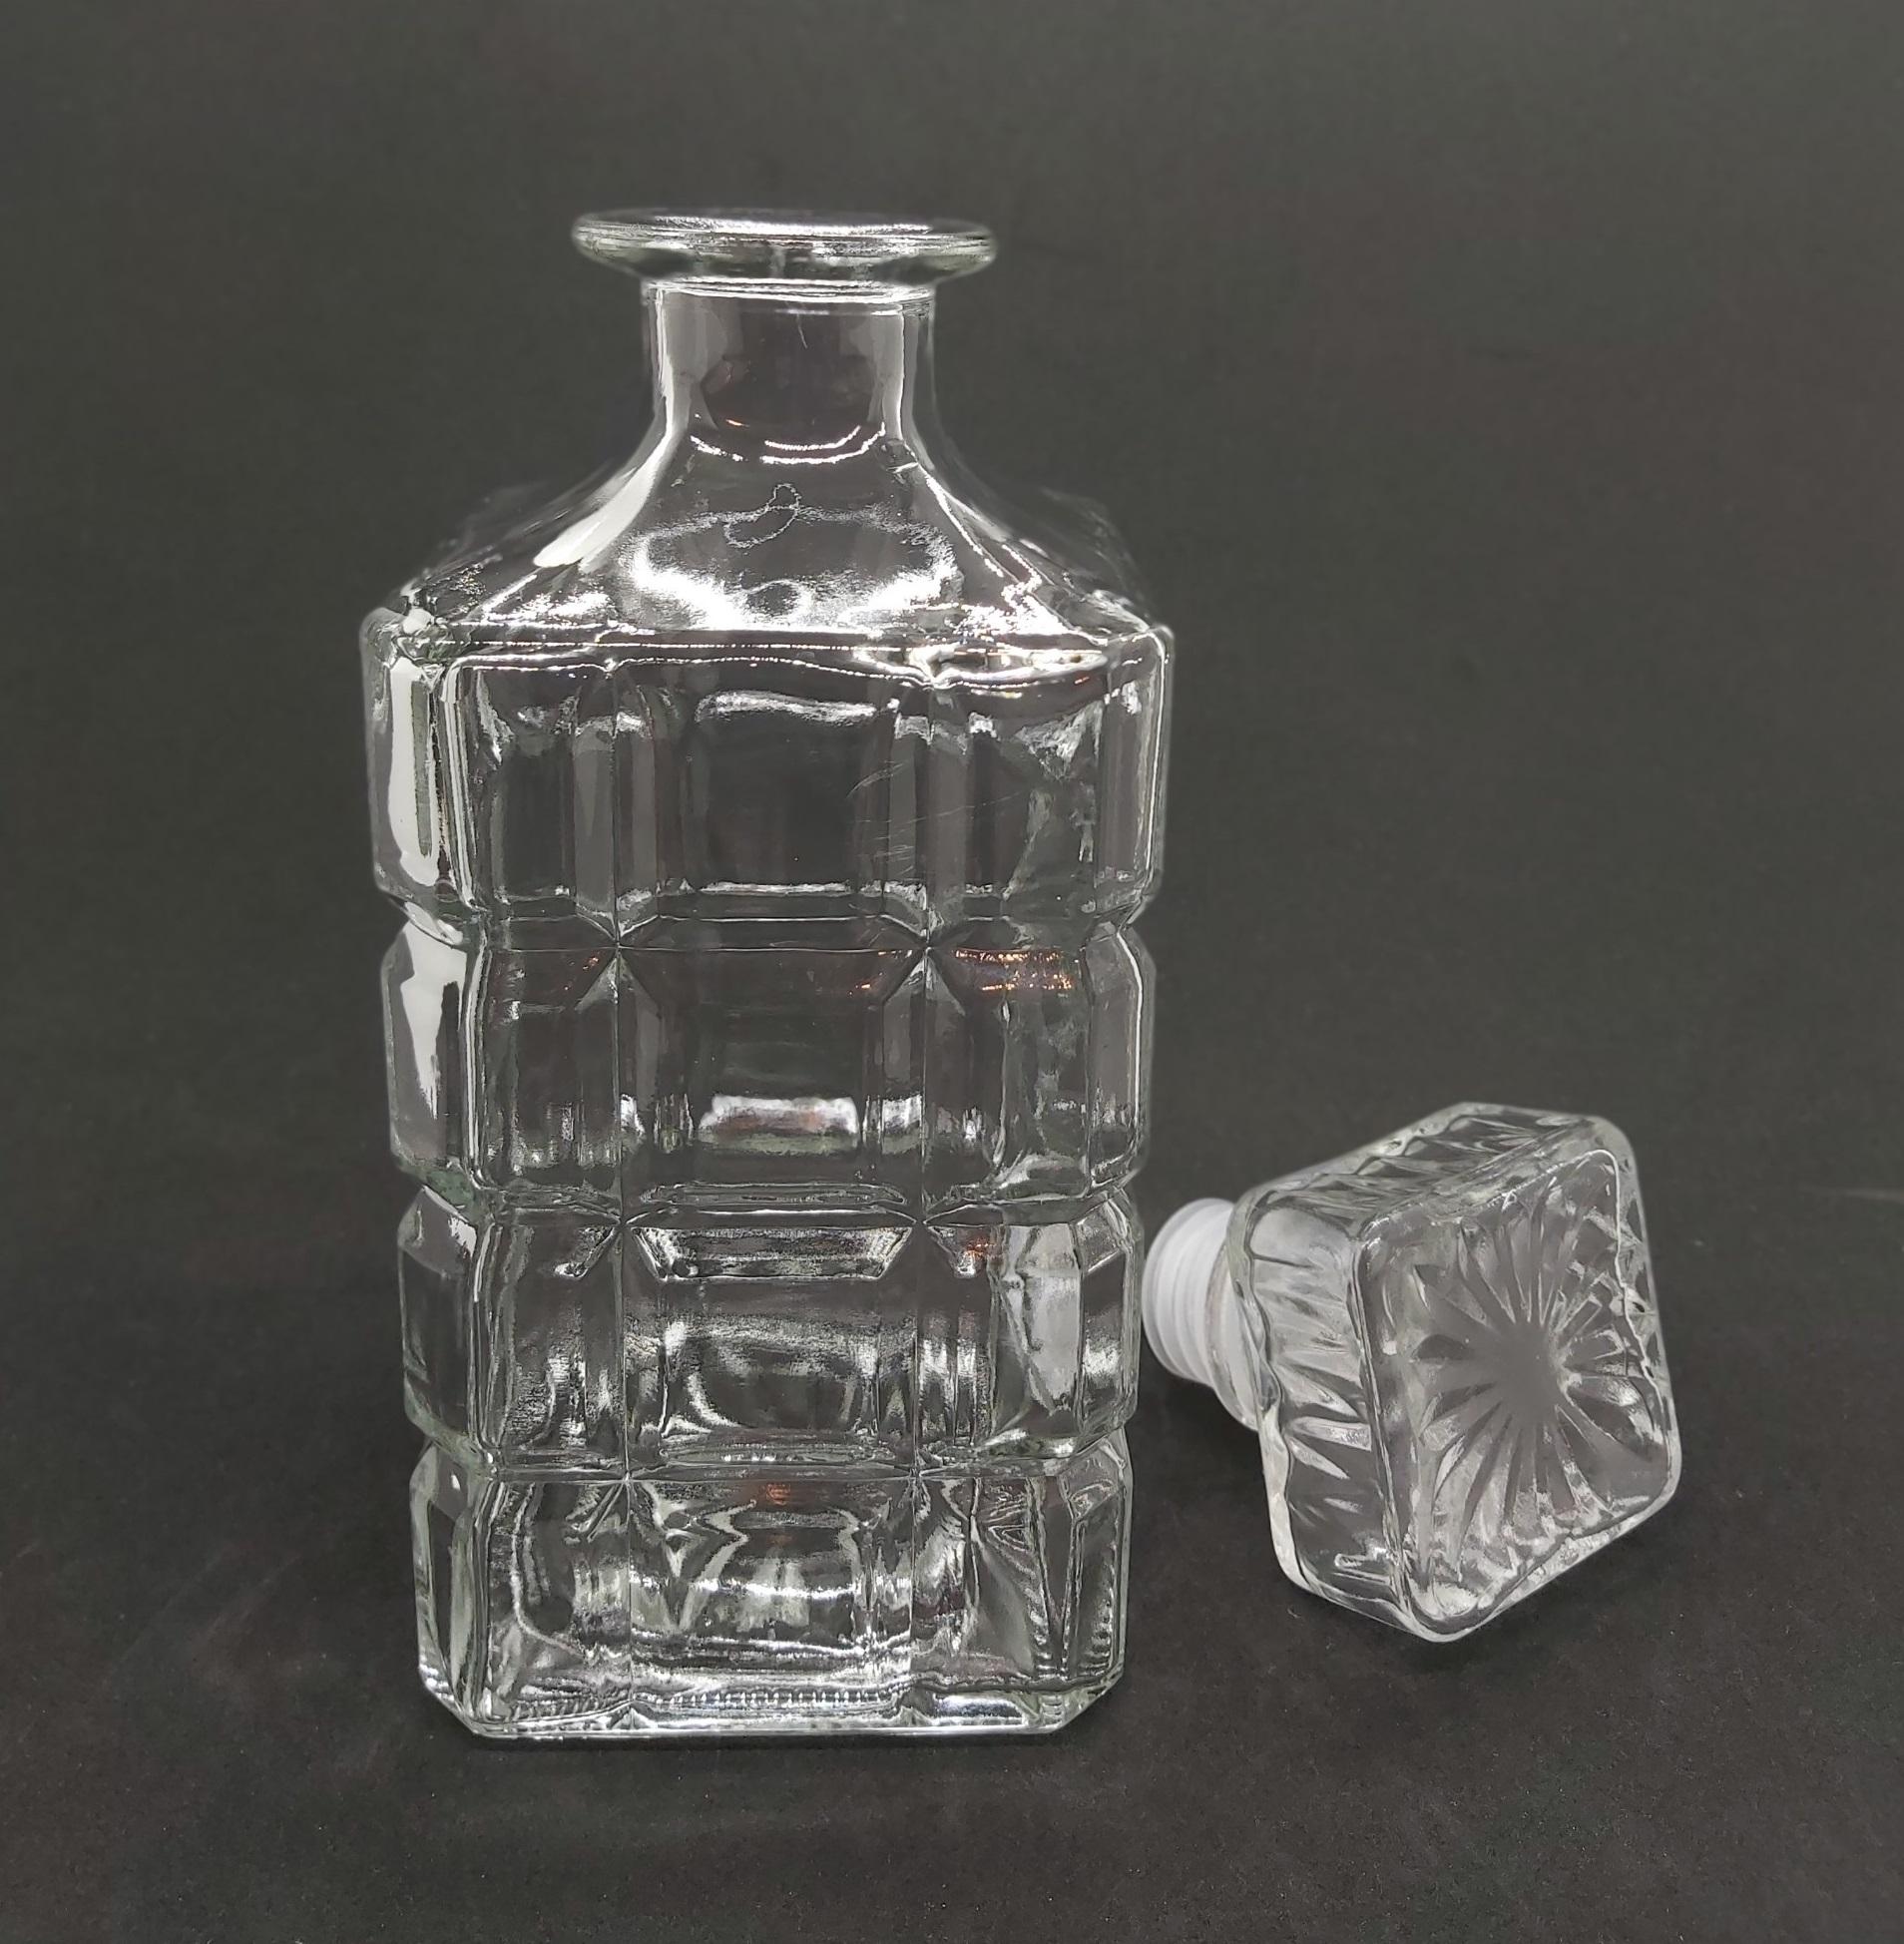 Chai Thủy Tinh đựng Rượu Vuông Hoa Văn Caro 1000ML - bình thủy tinh cao cấp 1 lít, chai 1000ml trong suốt